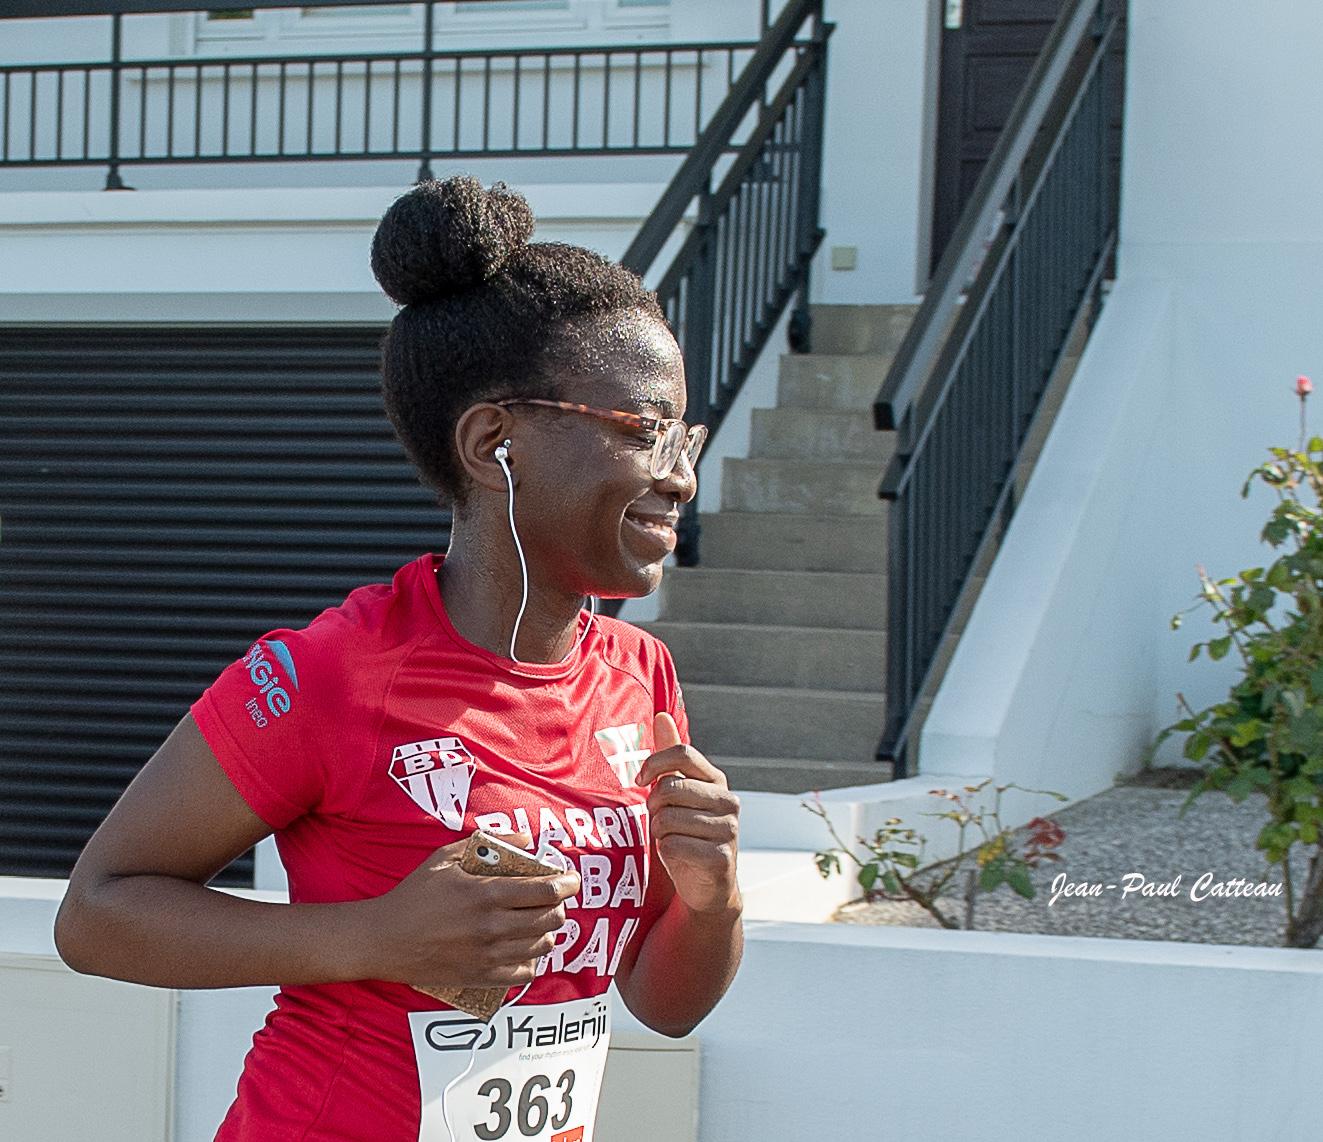 Marathon_de_Biarritz_-_Cité_de_l'Océan__-_24_juin_2018_114